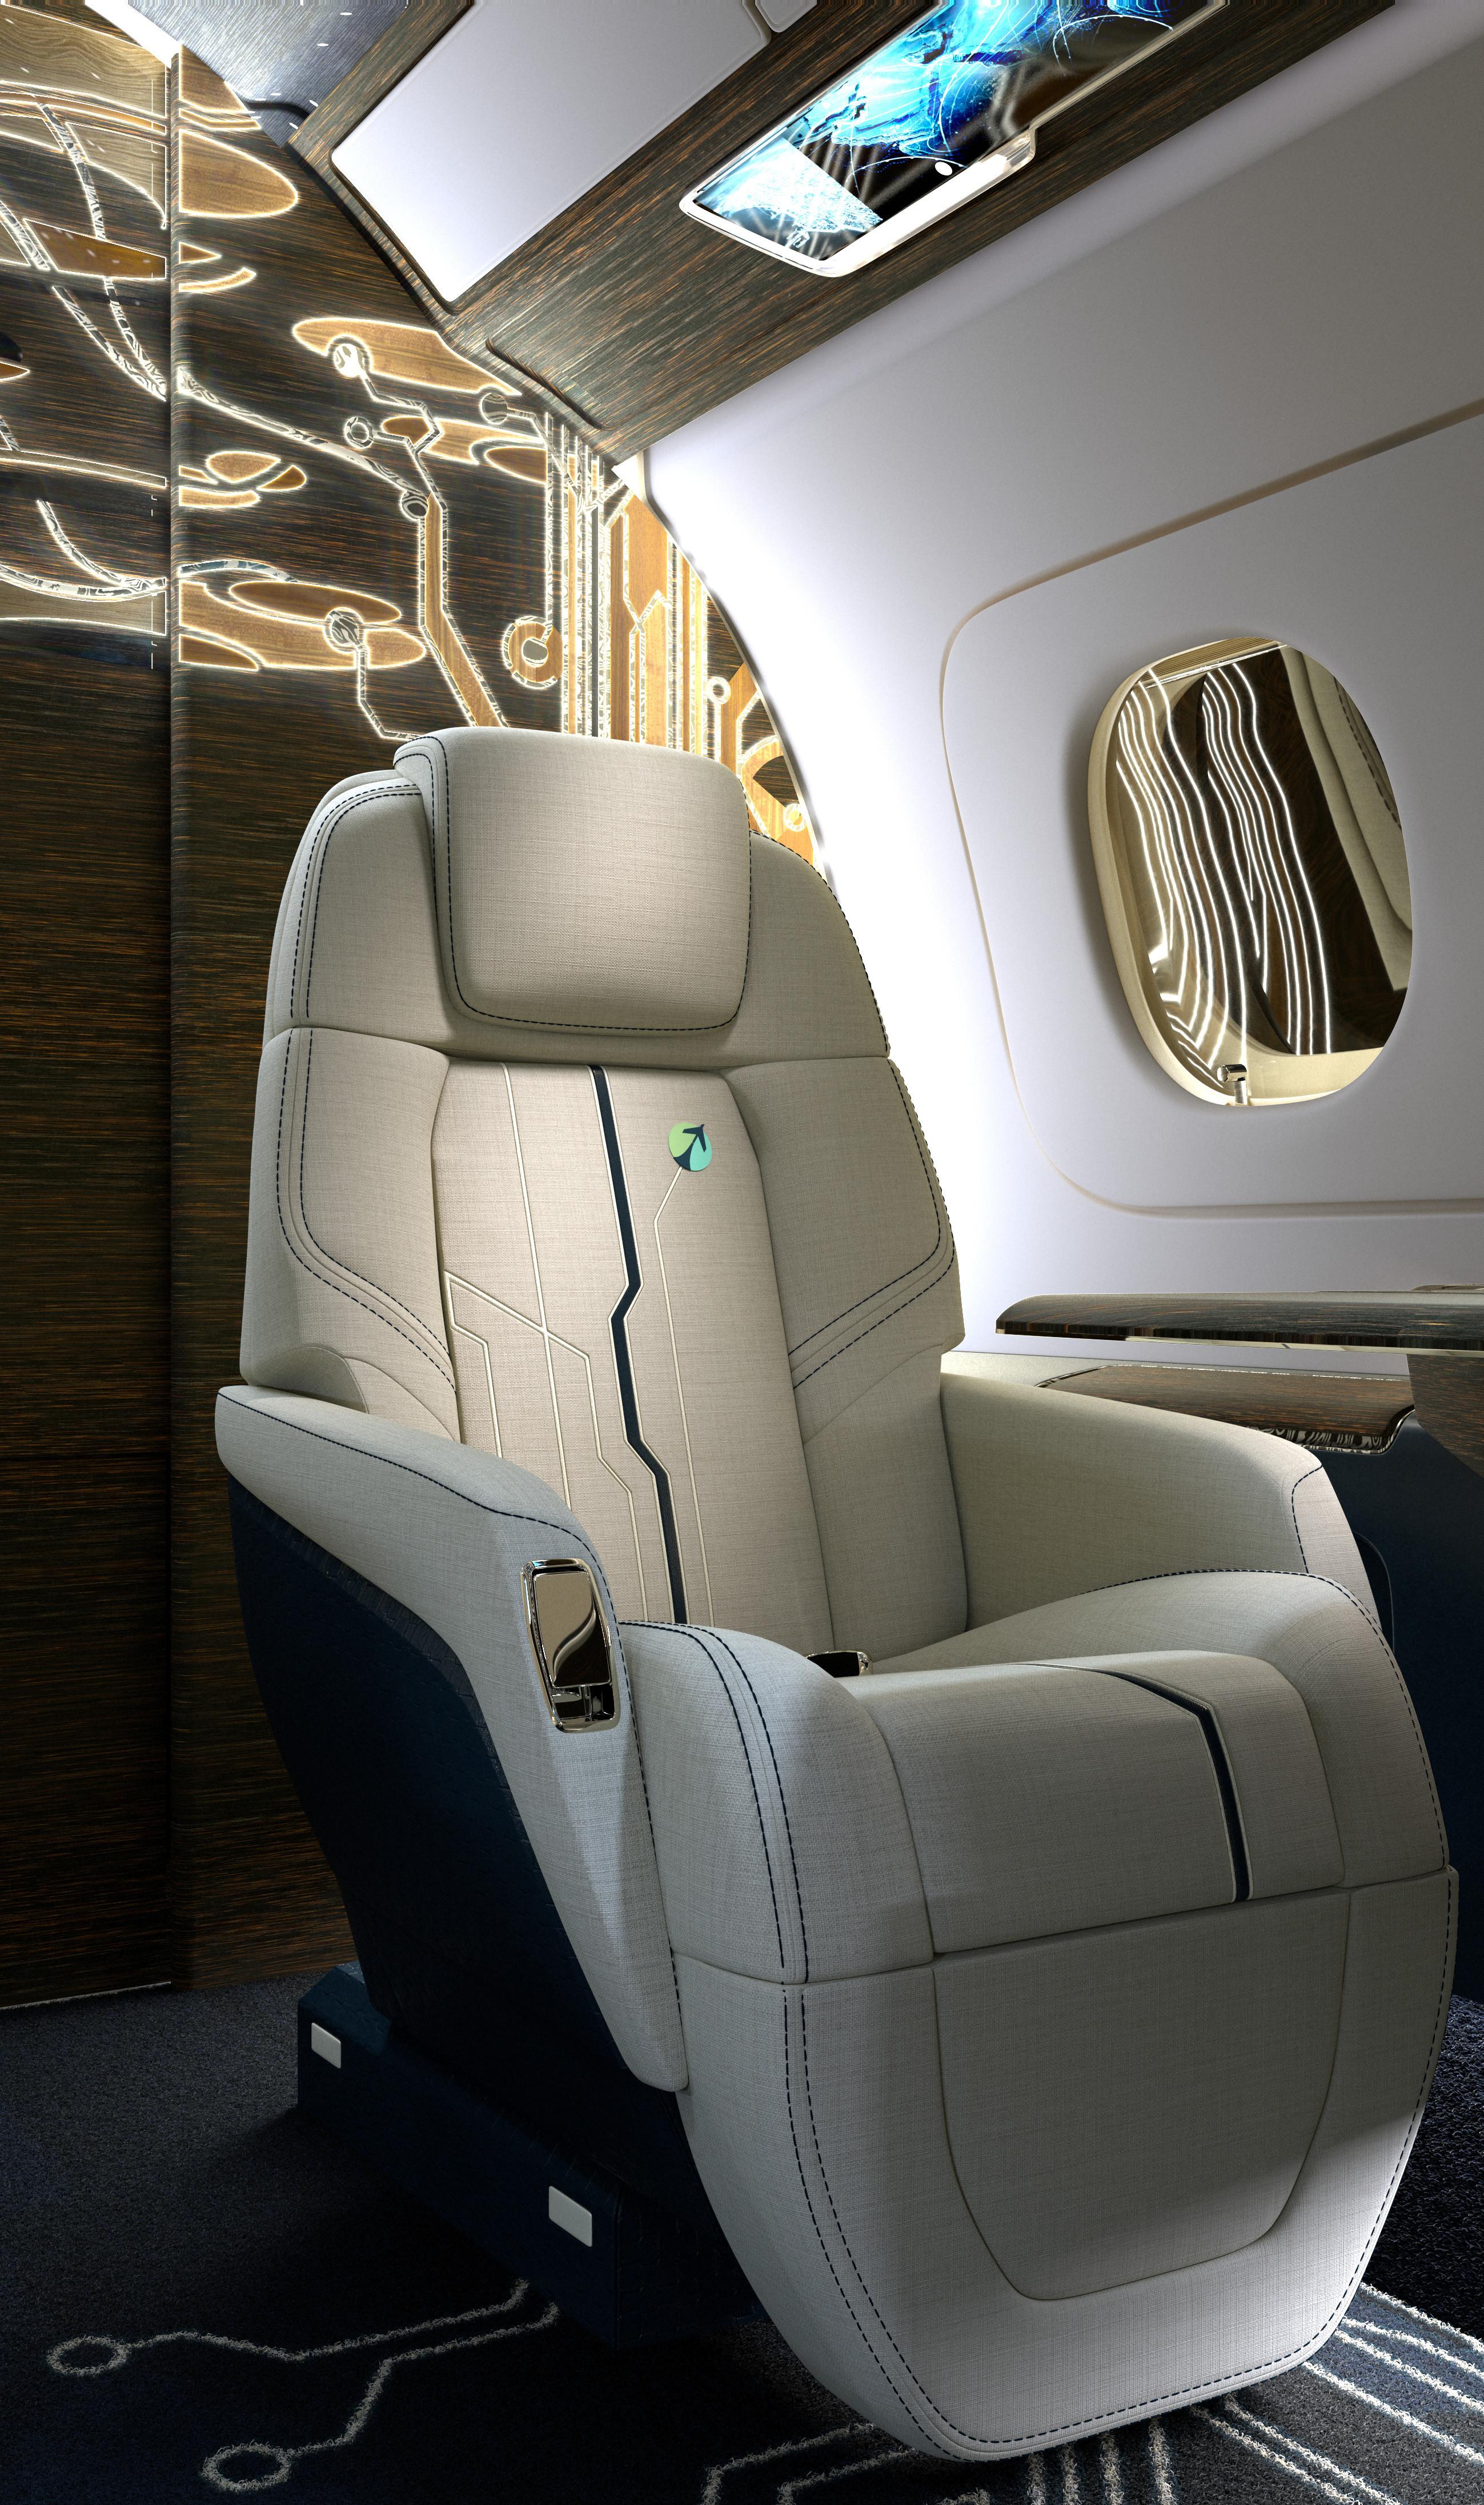 Seat closeup